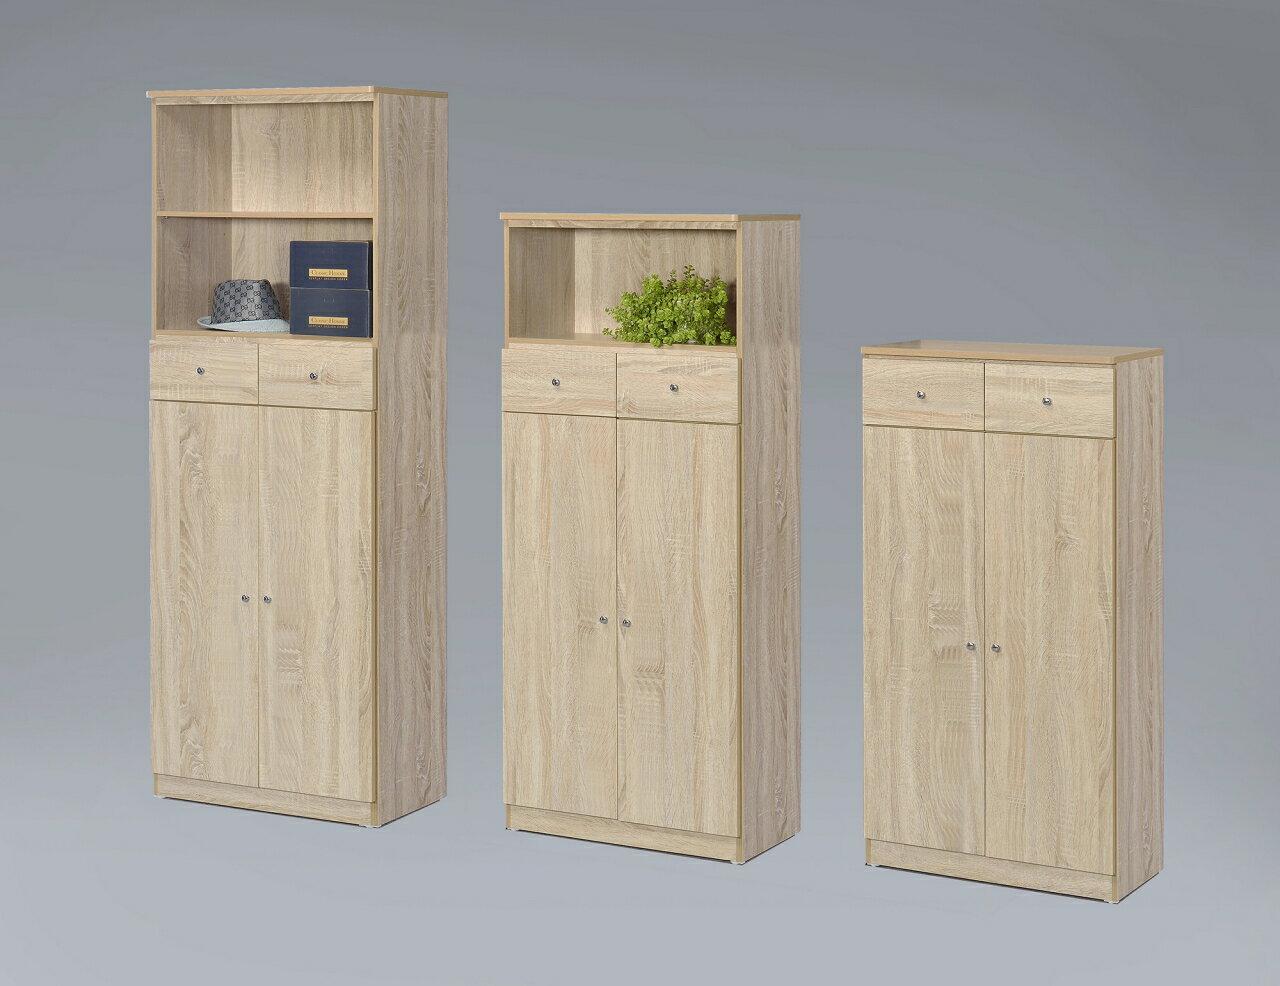 【尚品家具】GF-H16 羅密歐橡木色 2x4尺玄關櫃鞋櫥鞋櫃~另有2x5尺、2x6尺